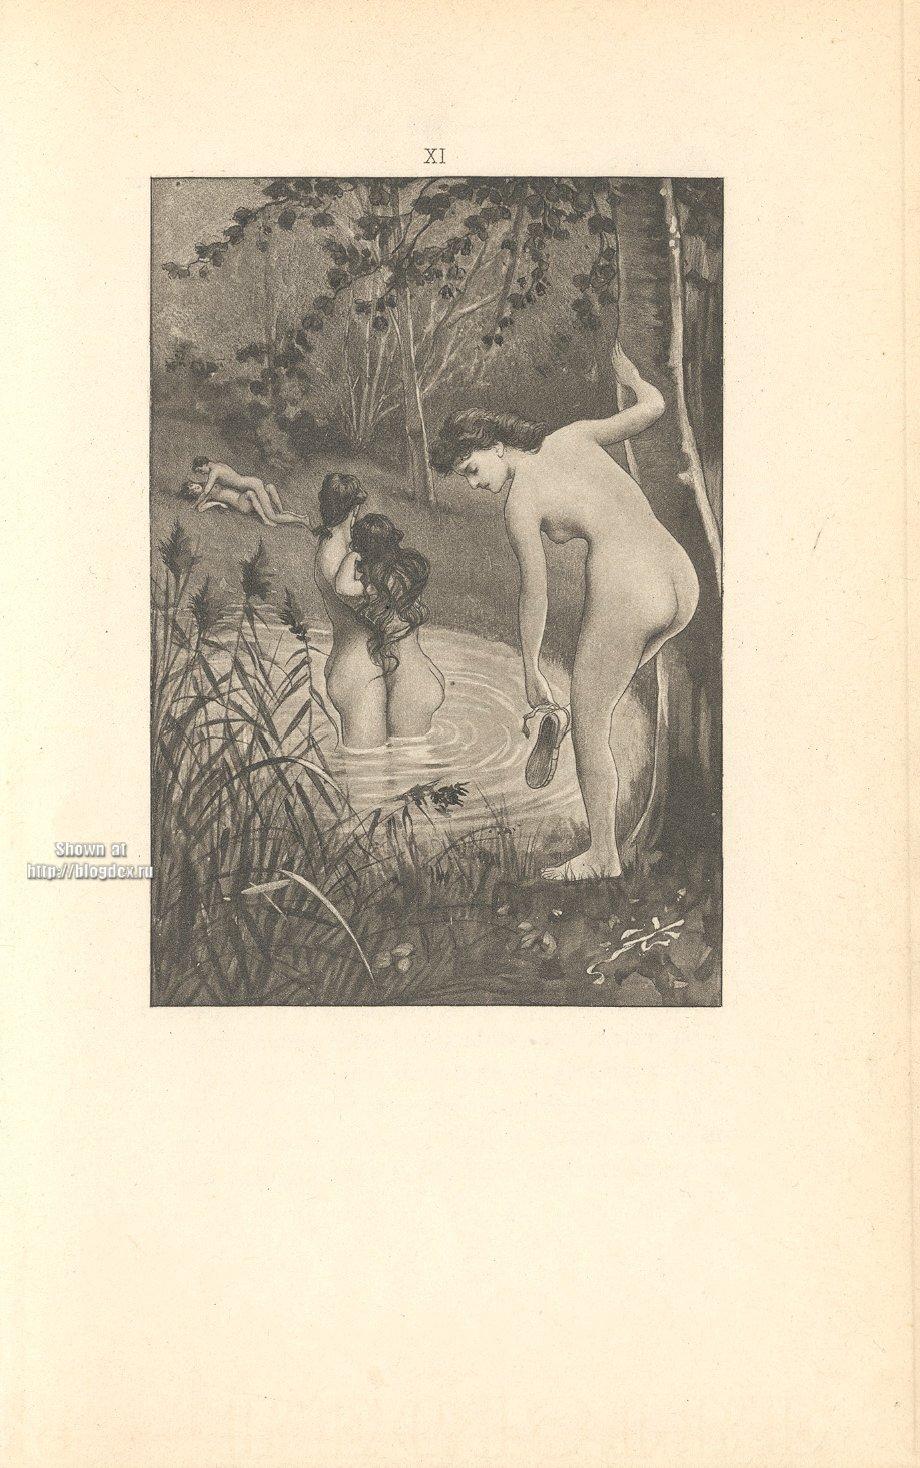 Эротическая иллюстрации к литература 4 фотография